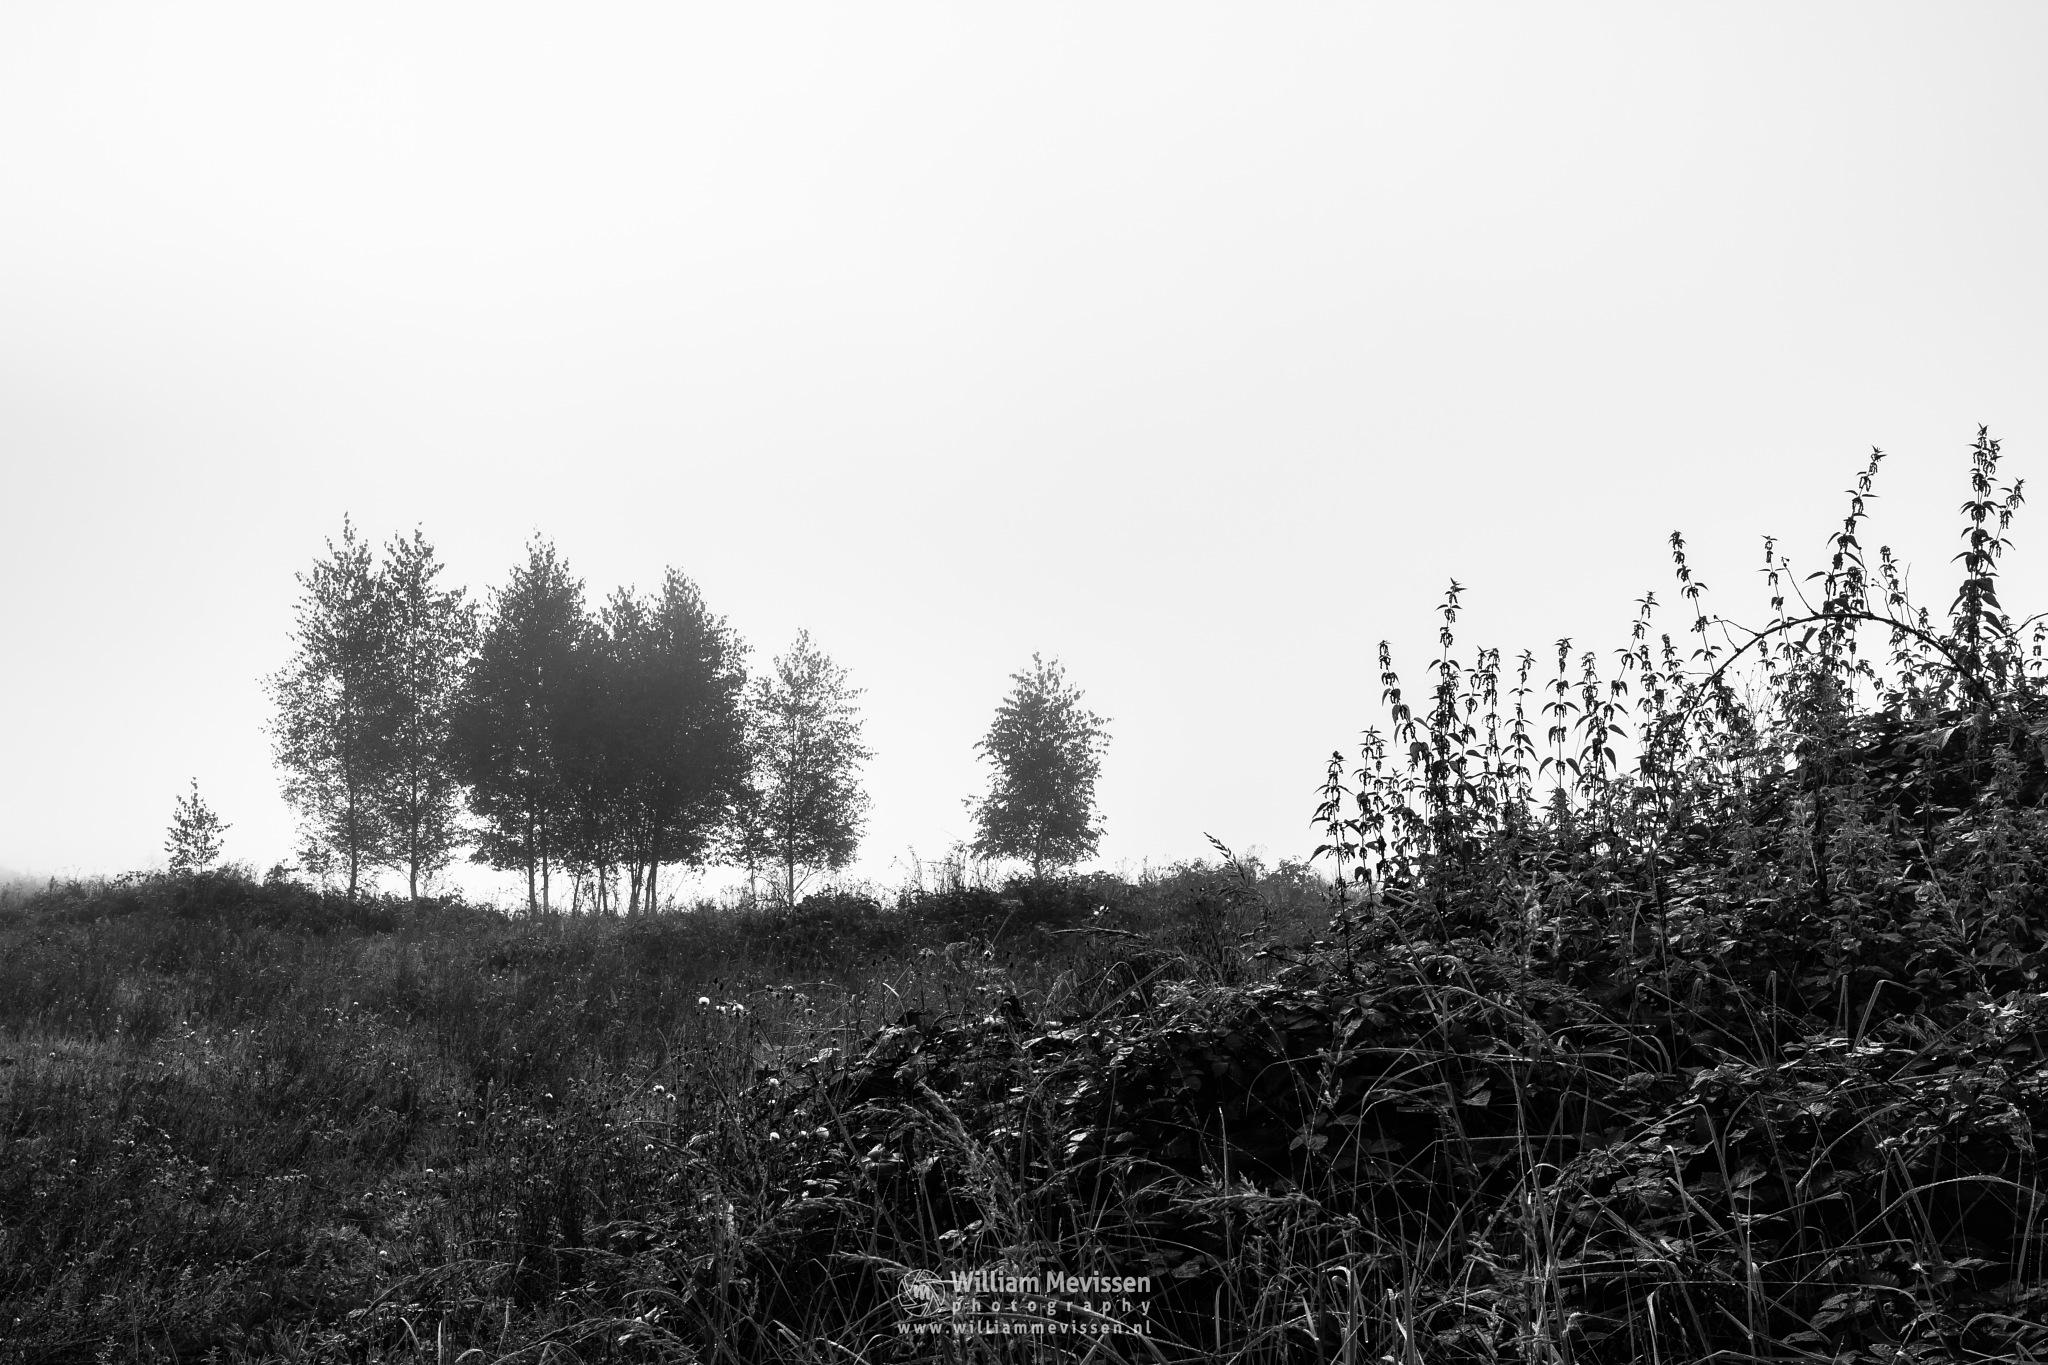 Misty Silhouettes by William Mevissen